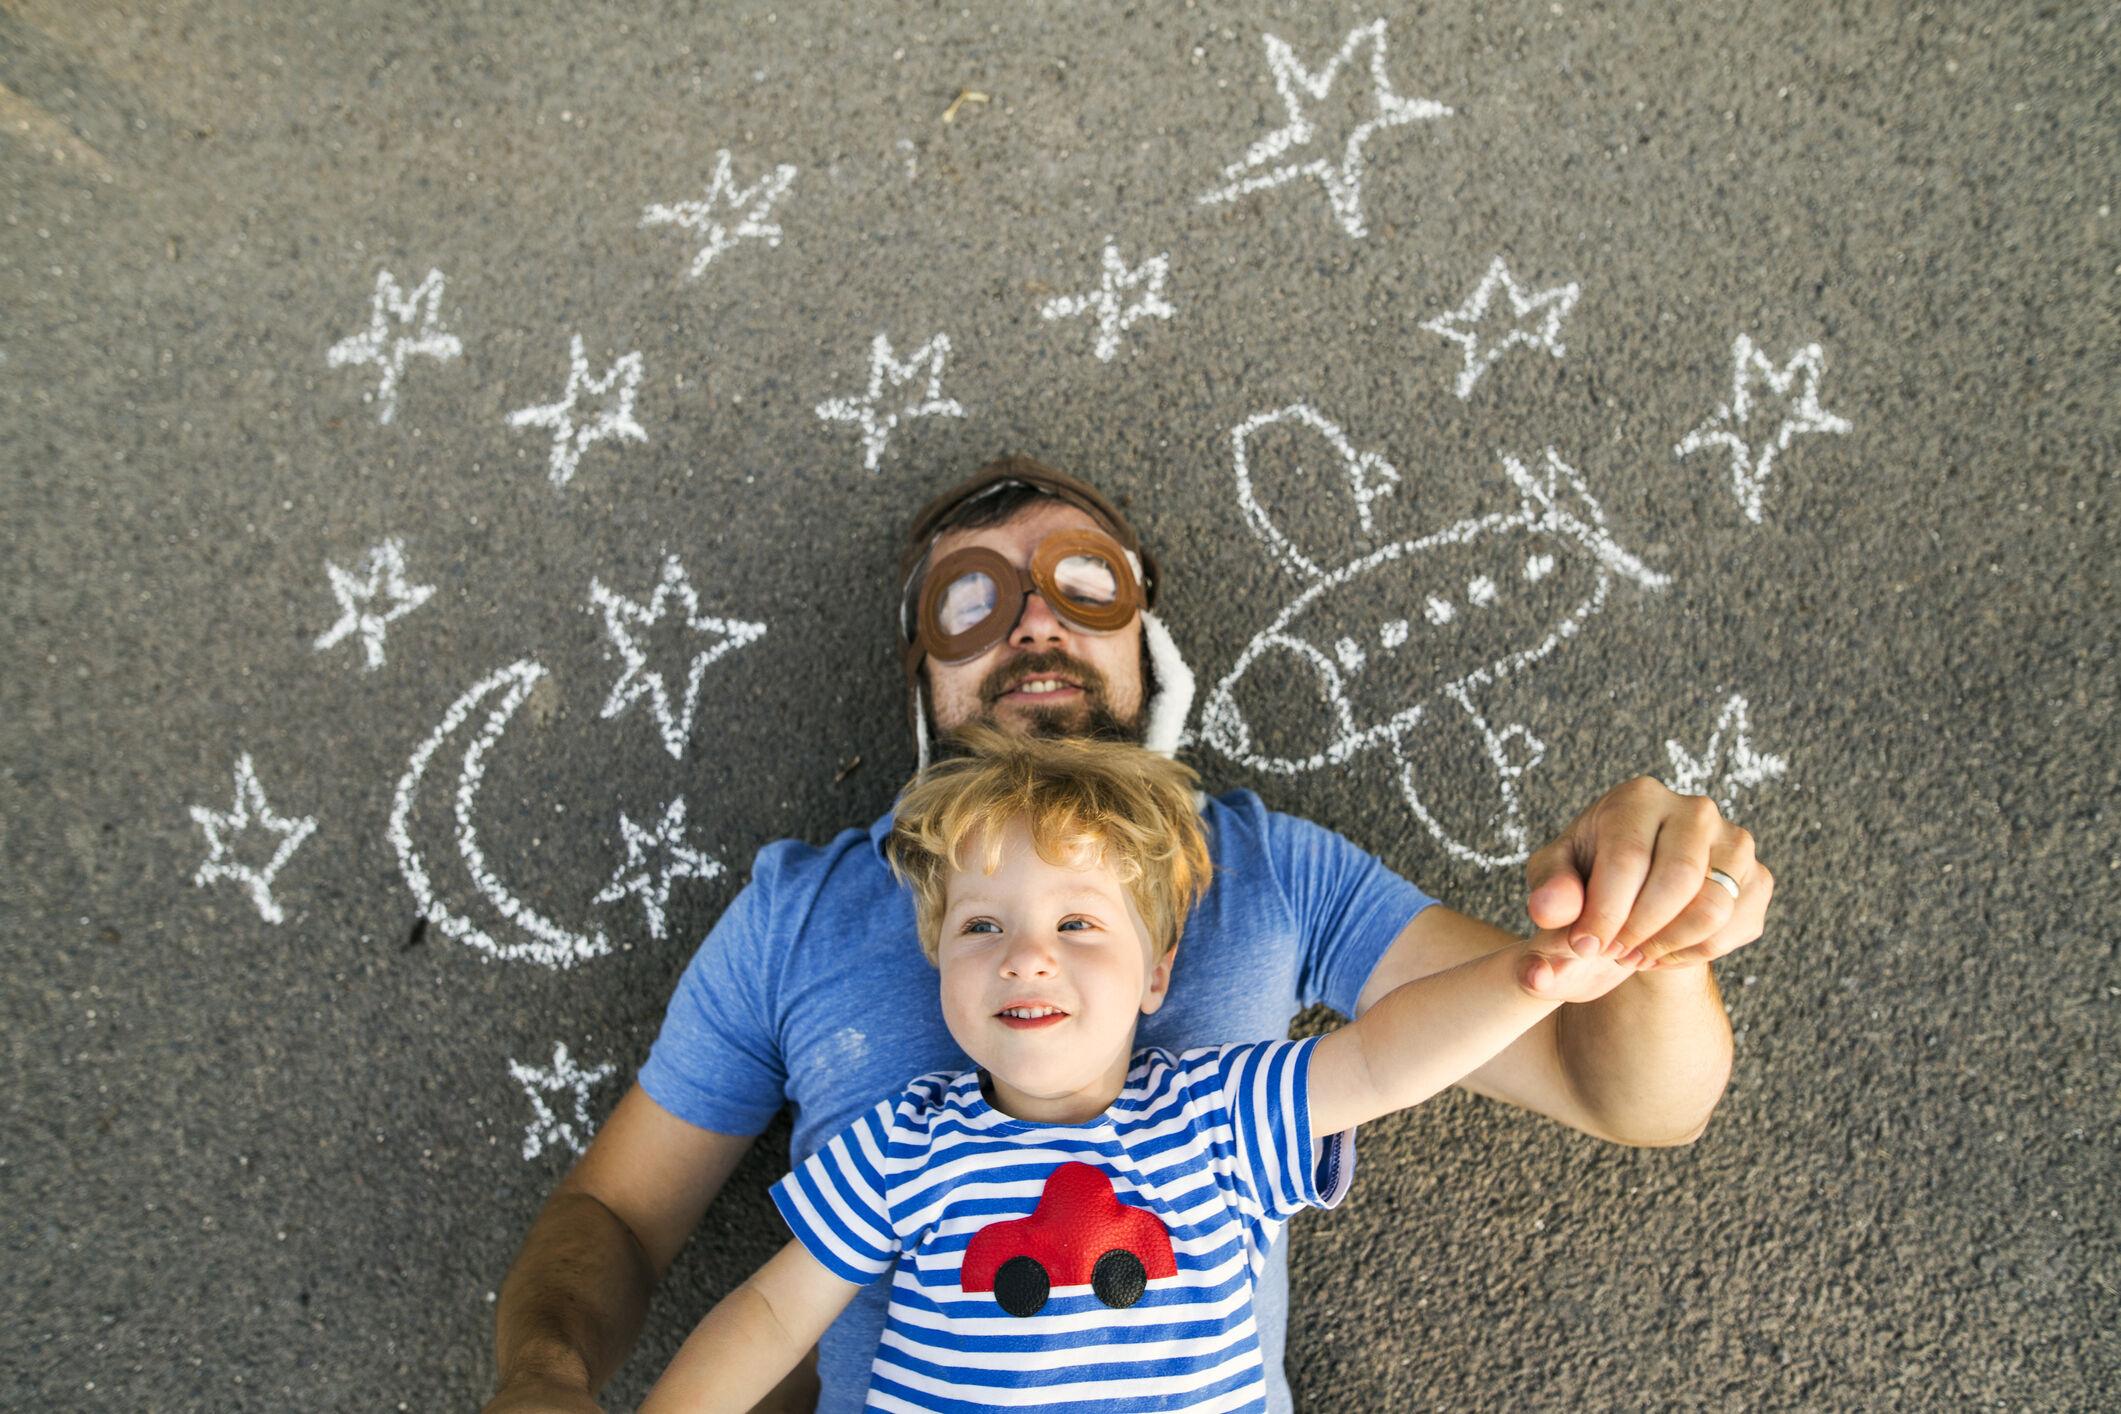 pai-filho-criatividade